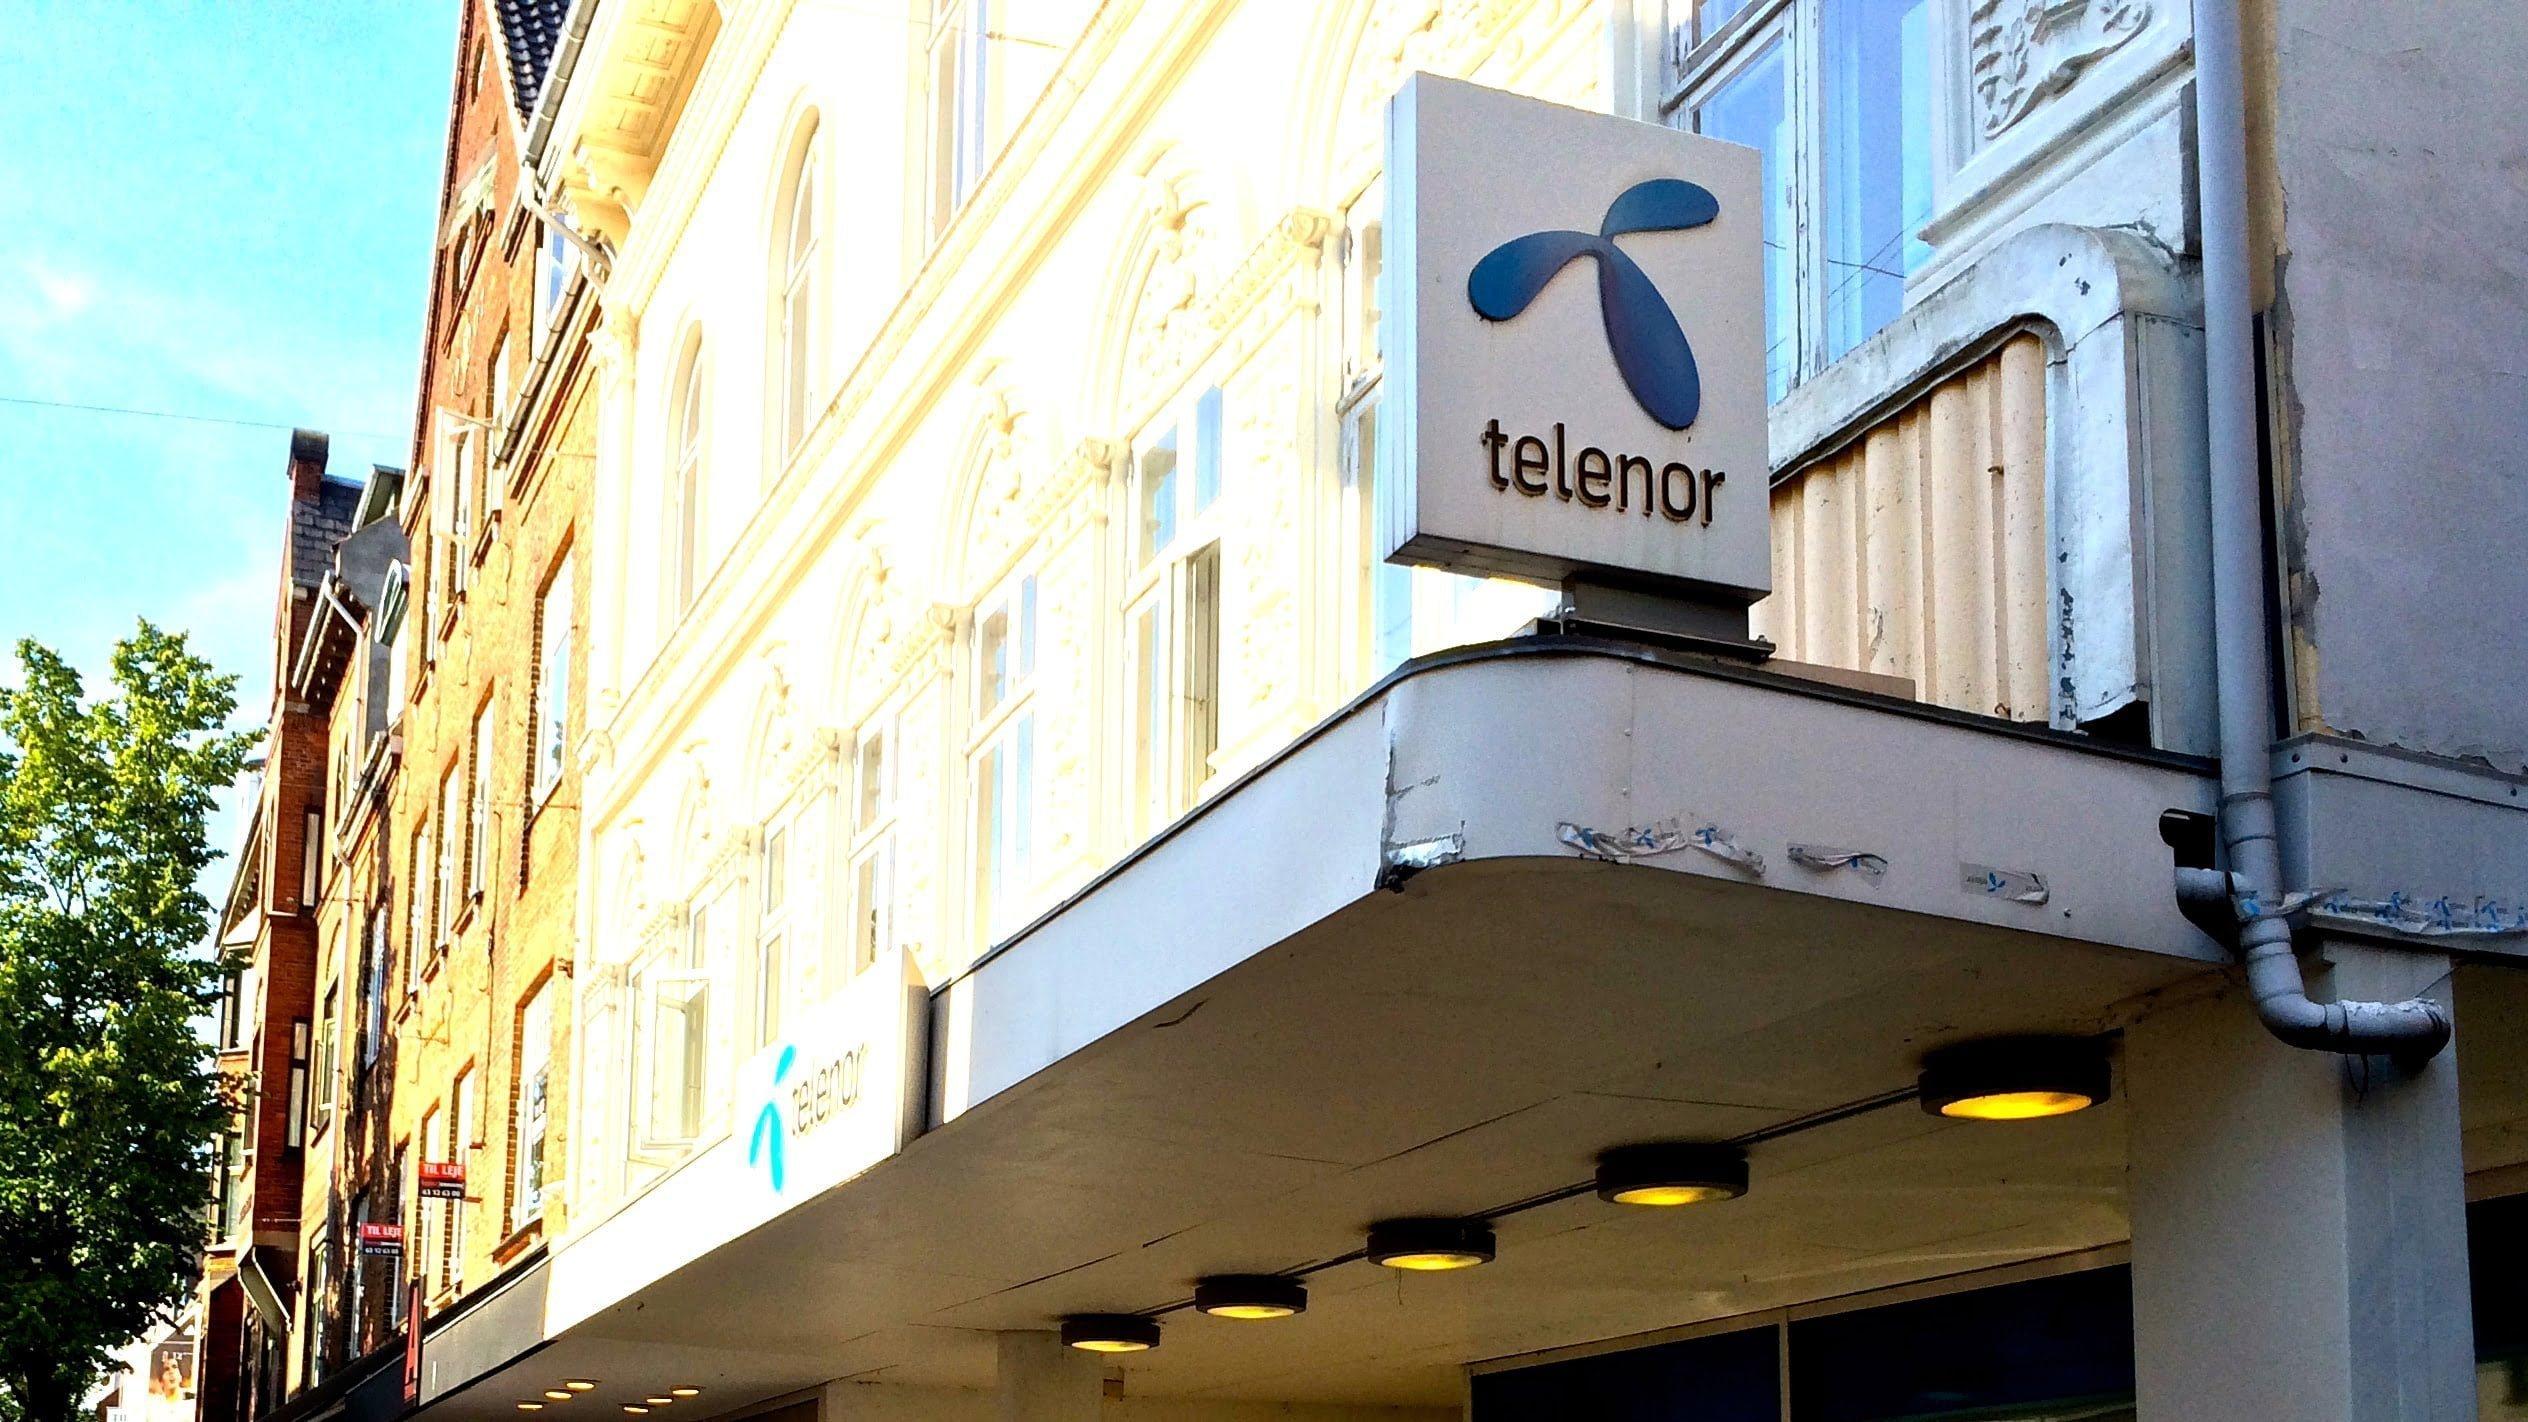 Telenor Taber Tusindevis Af Kunder